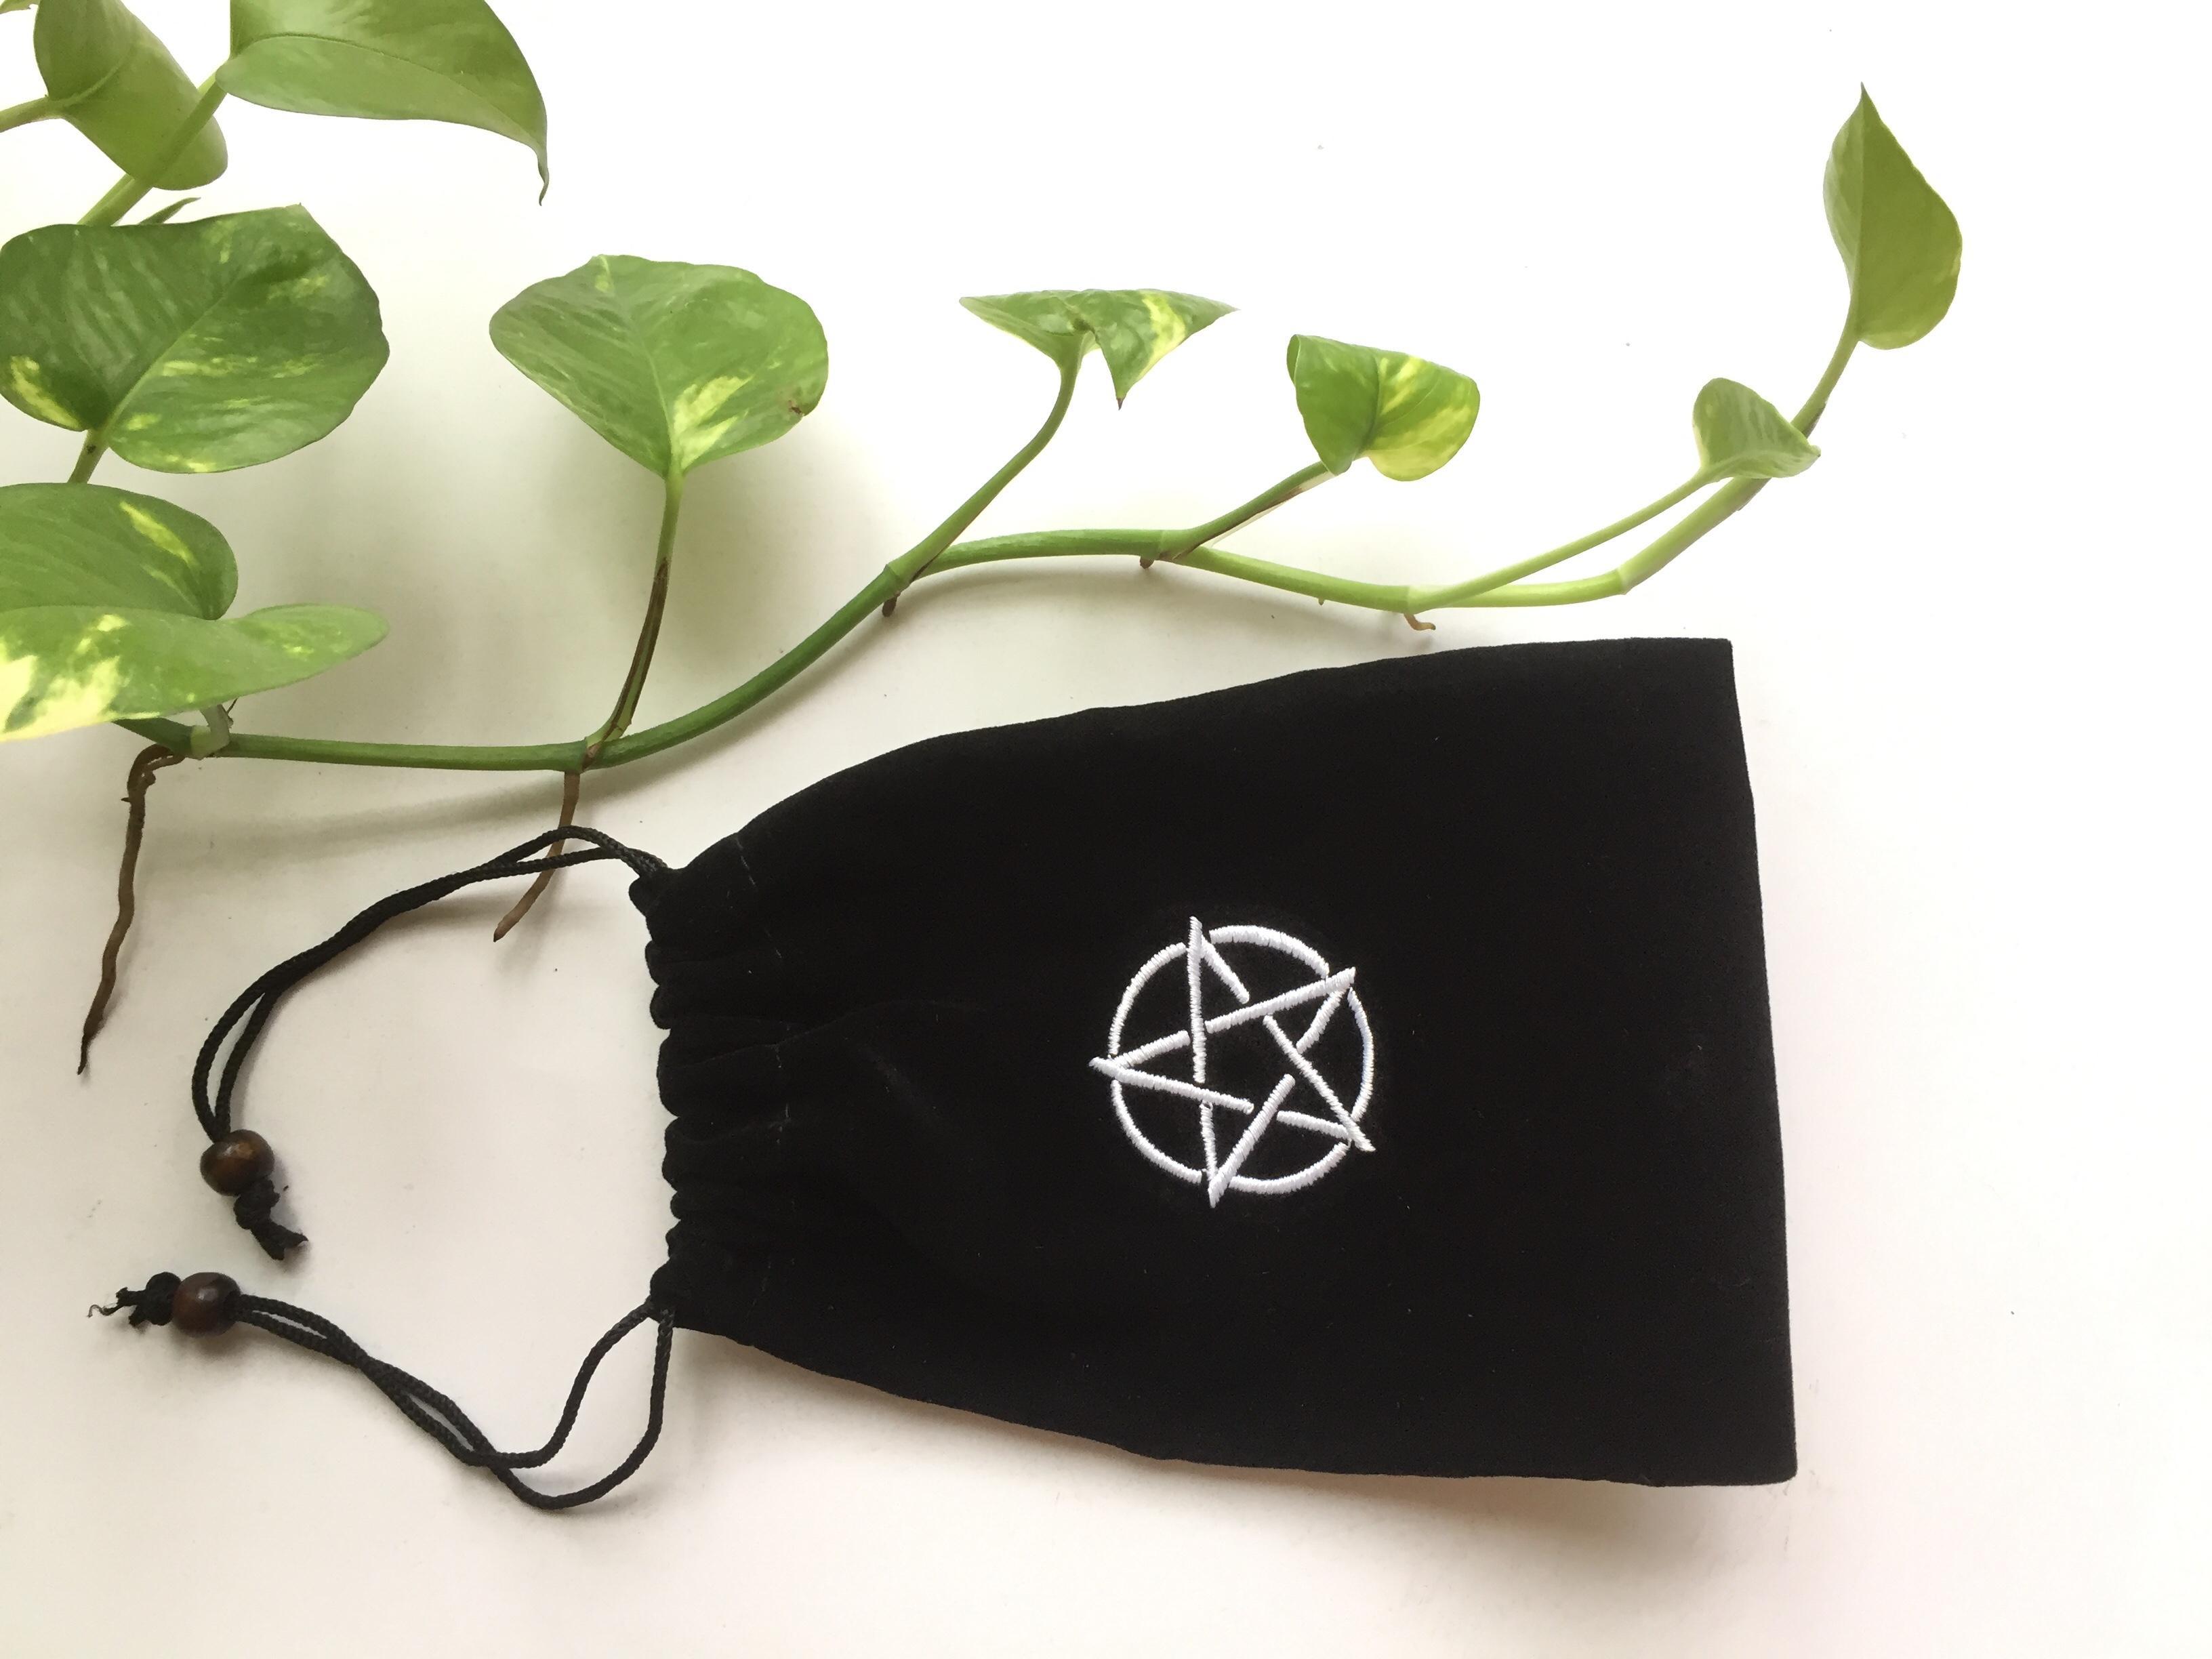 Túi vải nhung đen 12cm 17cm dây rút thêu hình sao đựng bài Tarot, trang sức, mỹ phẩm, điện thoại